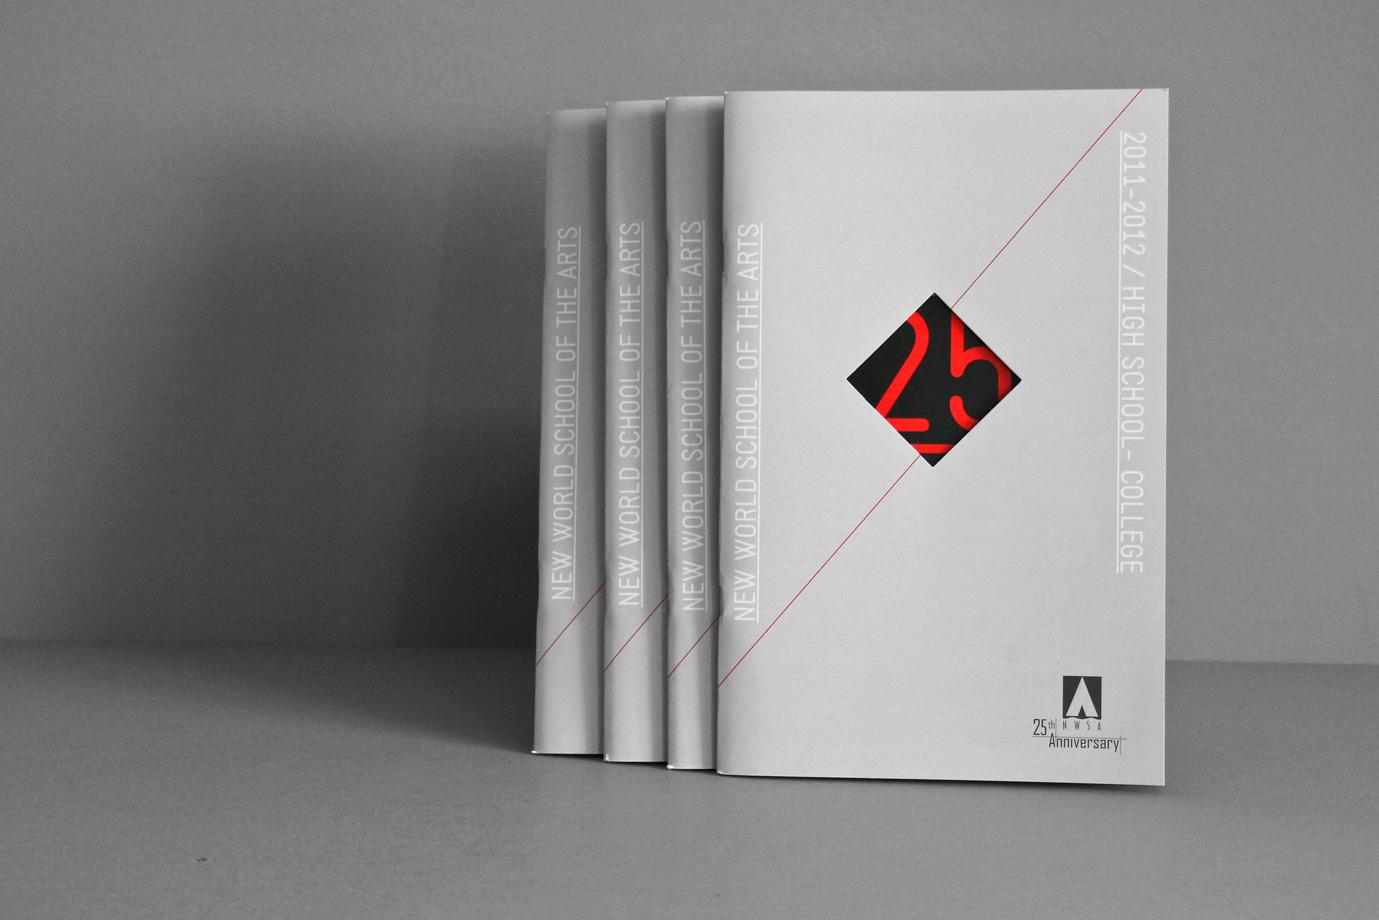 design-covers-camilo-rojas_o_o.jpg